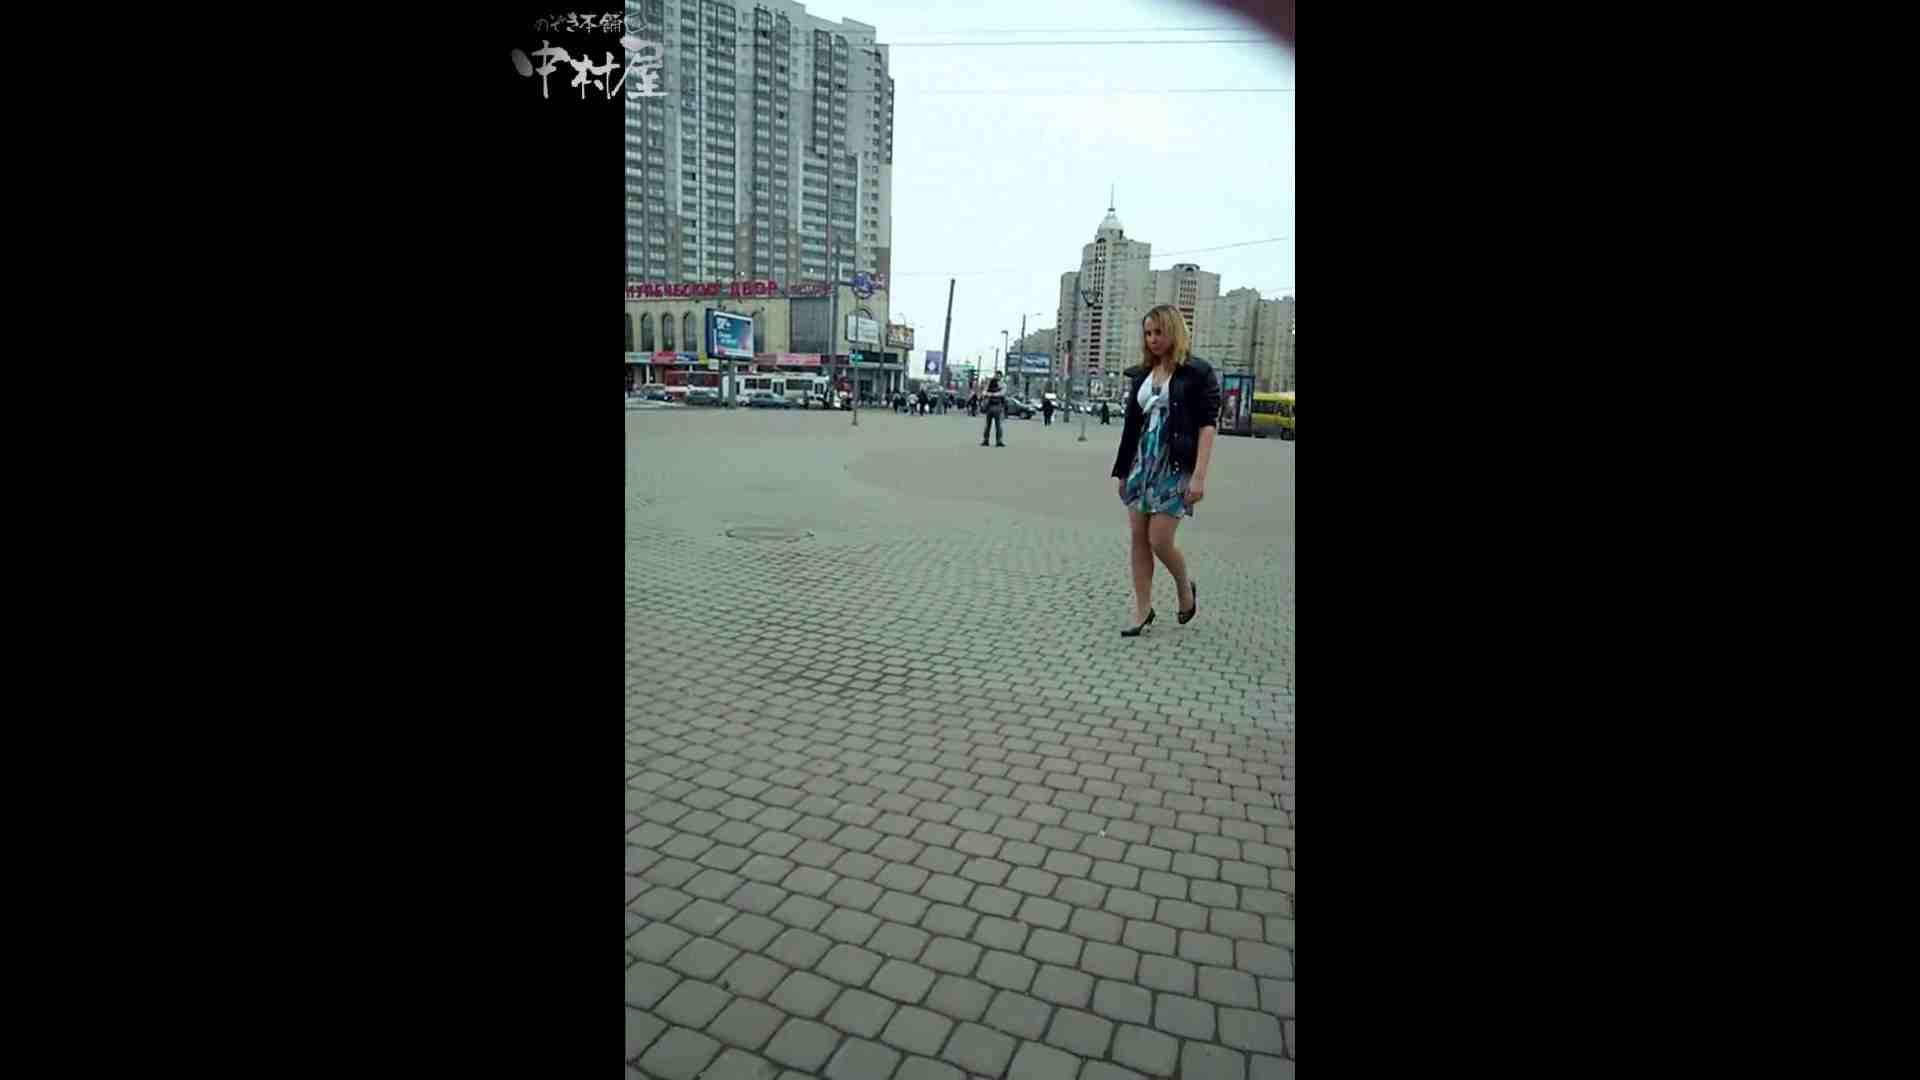 綺麗なモデルさんのスカート捲っちゃおう‼ vol11 OLエロ画像  61PICs 26